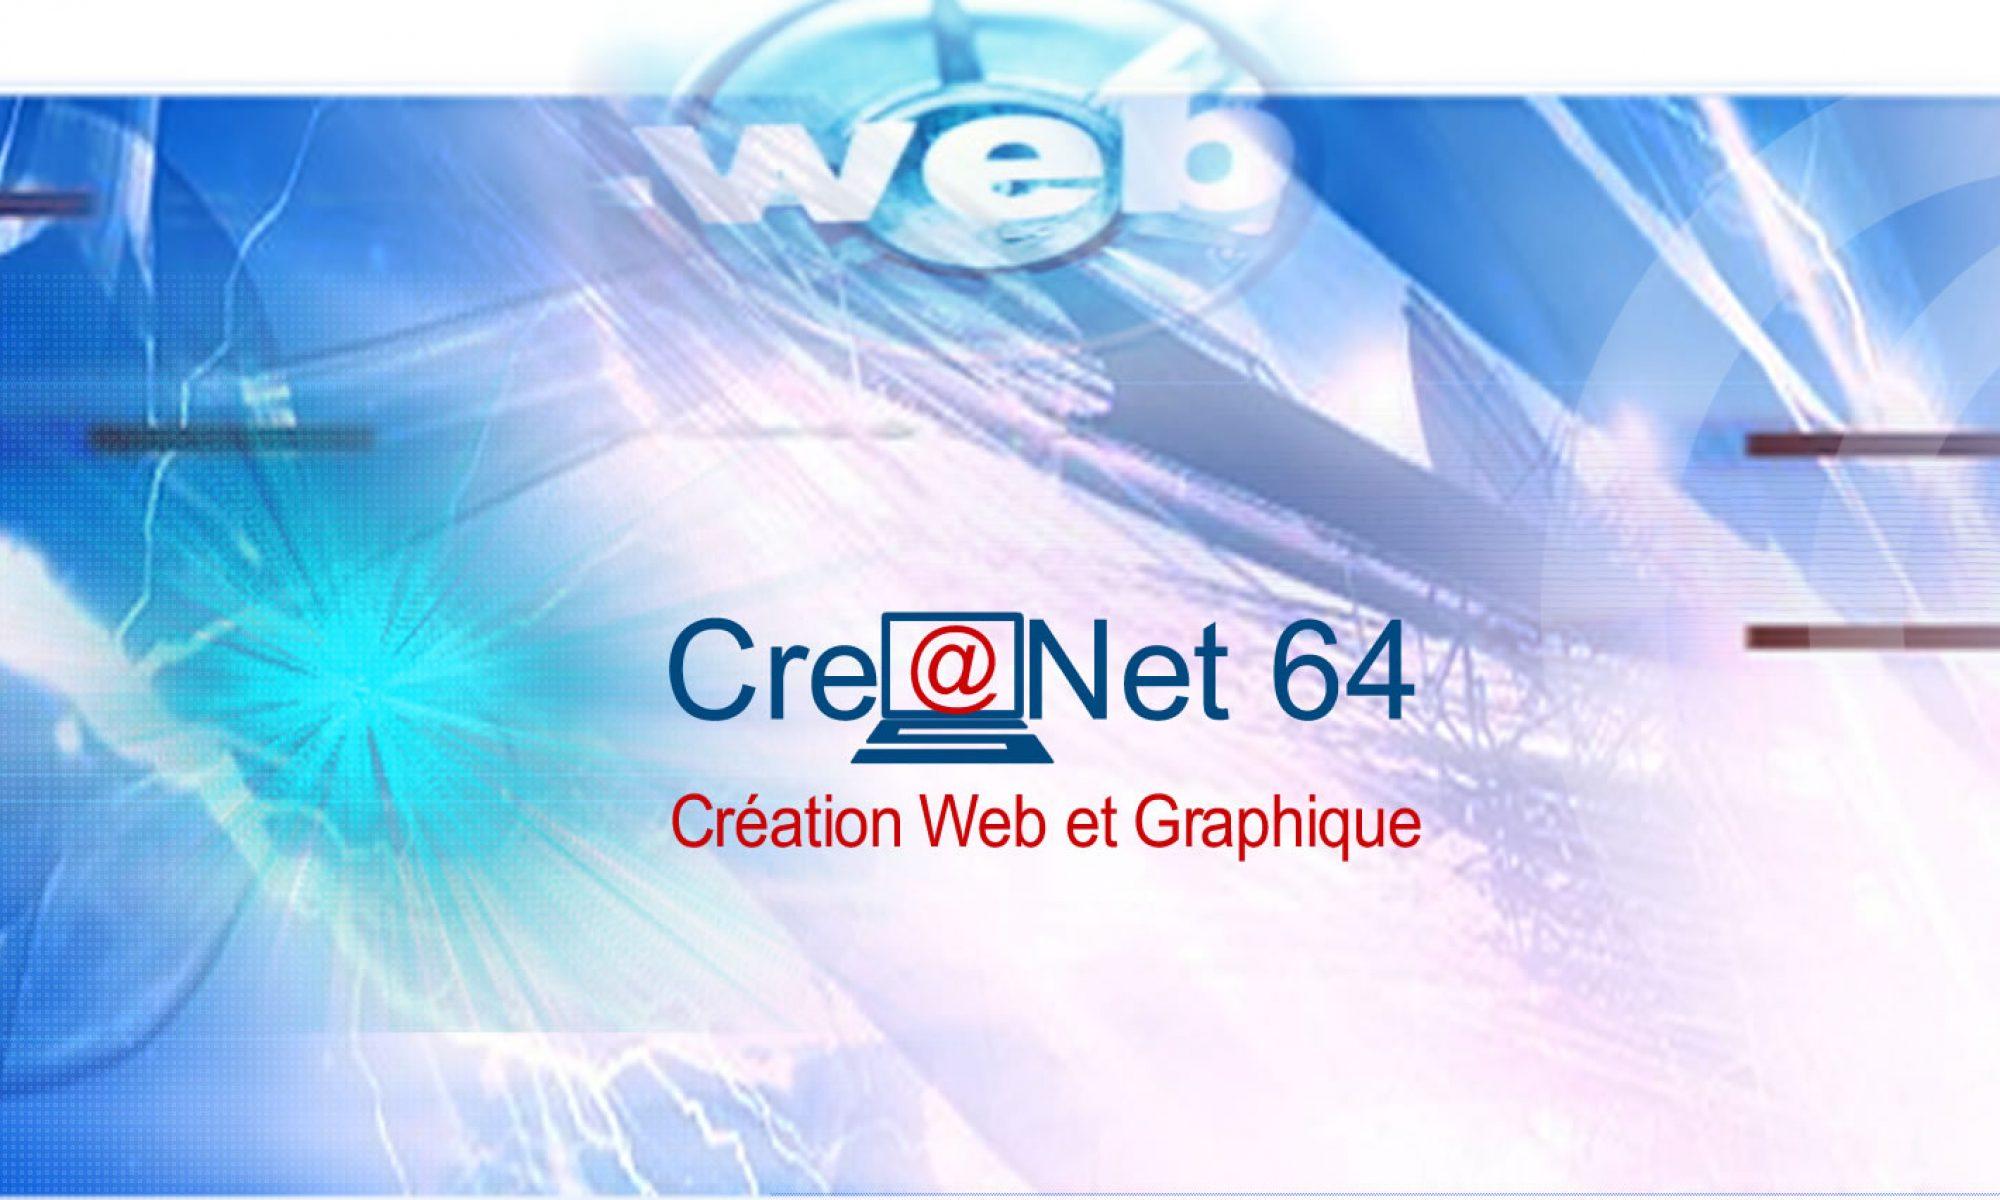 Creanet 64